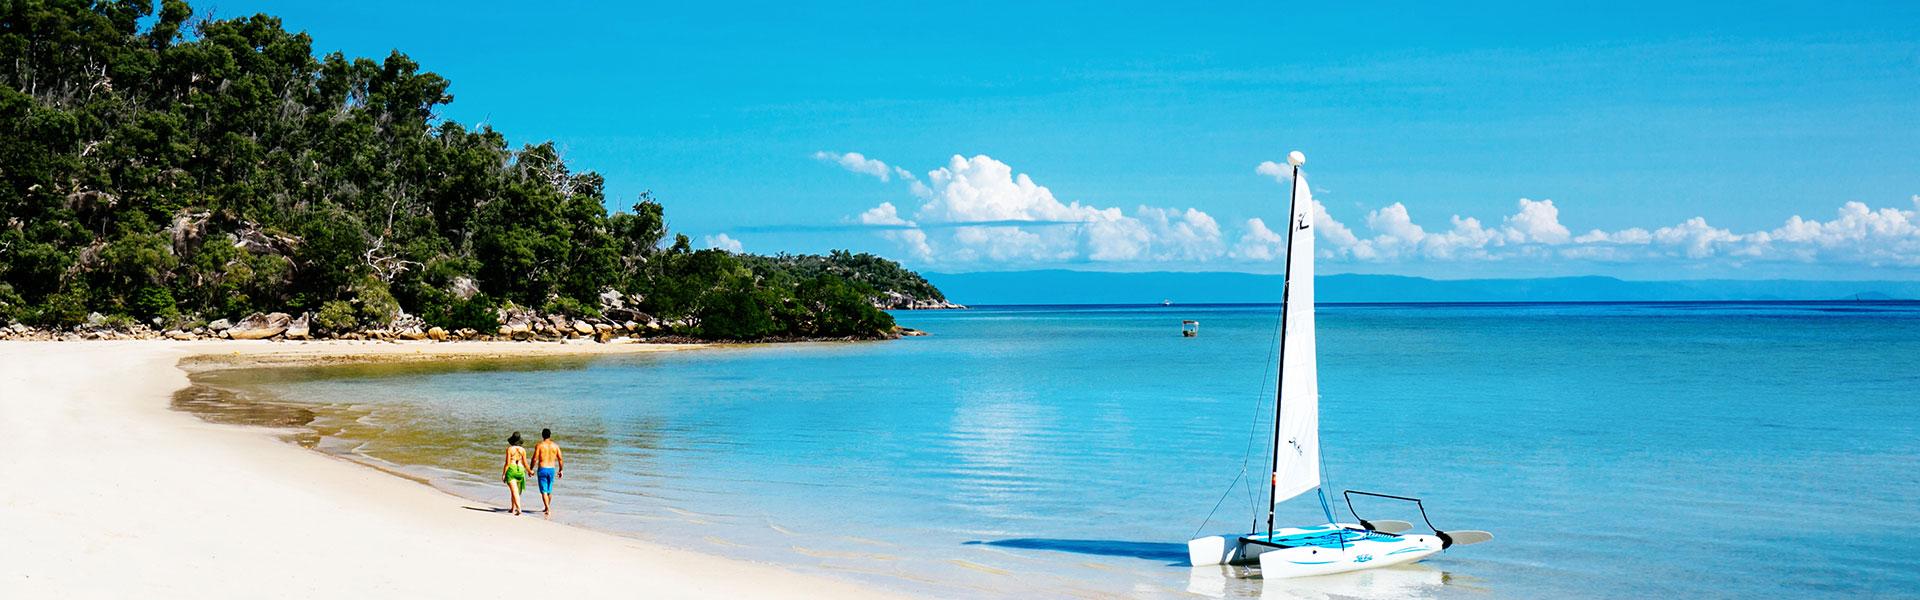 Private Islands For Rent Orpheus Island Resort Australia